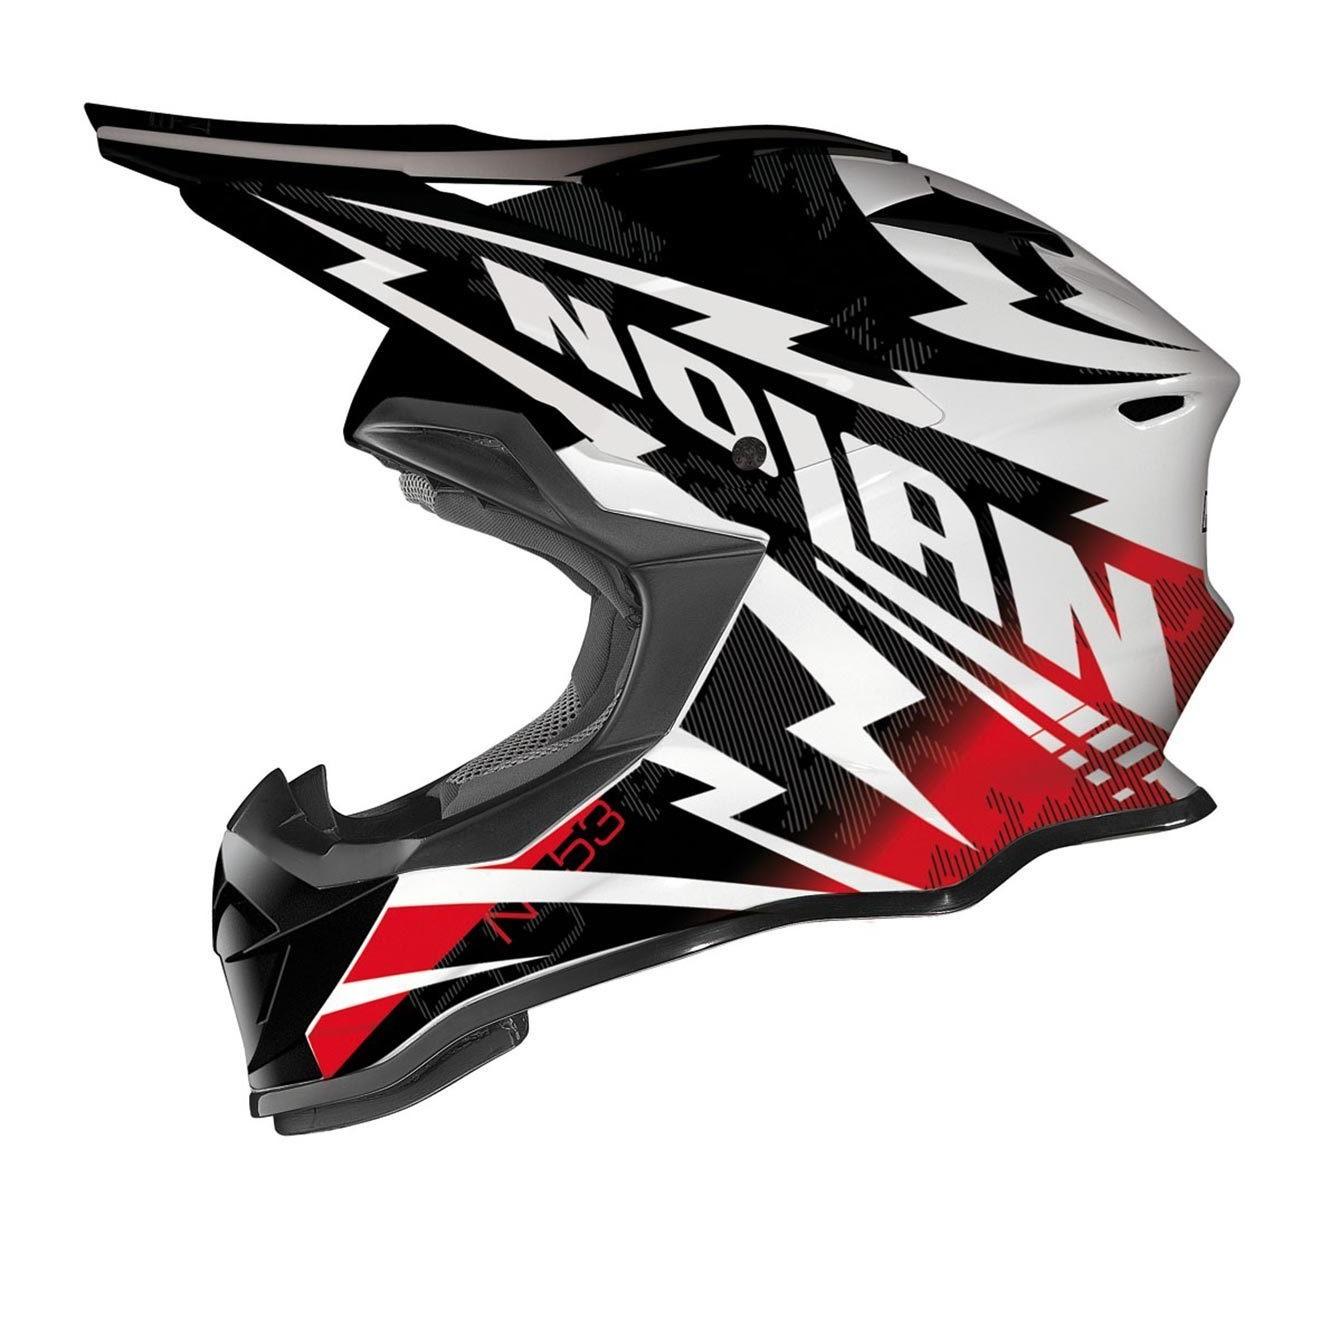 Nolan-N53-Comp-Cross-Helmet-0001